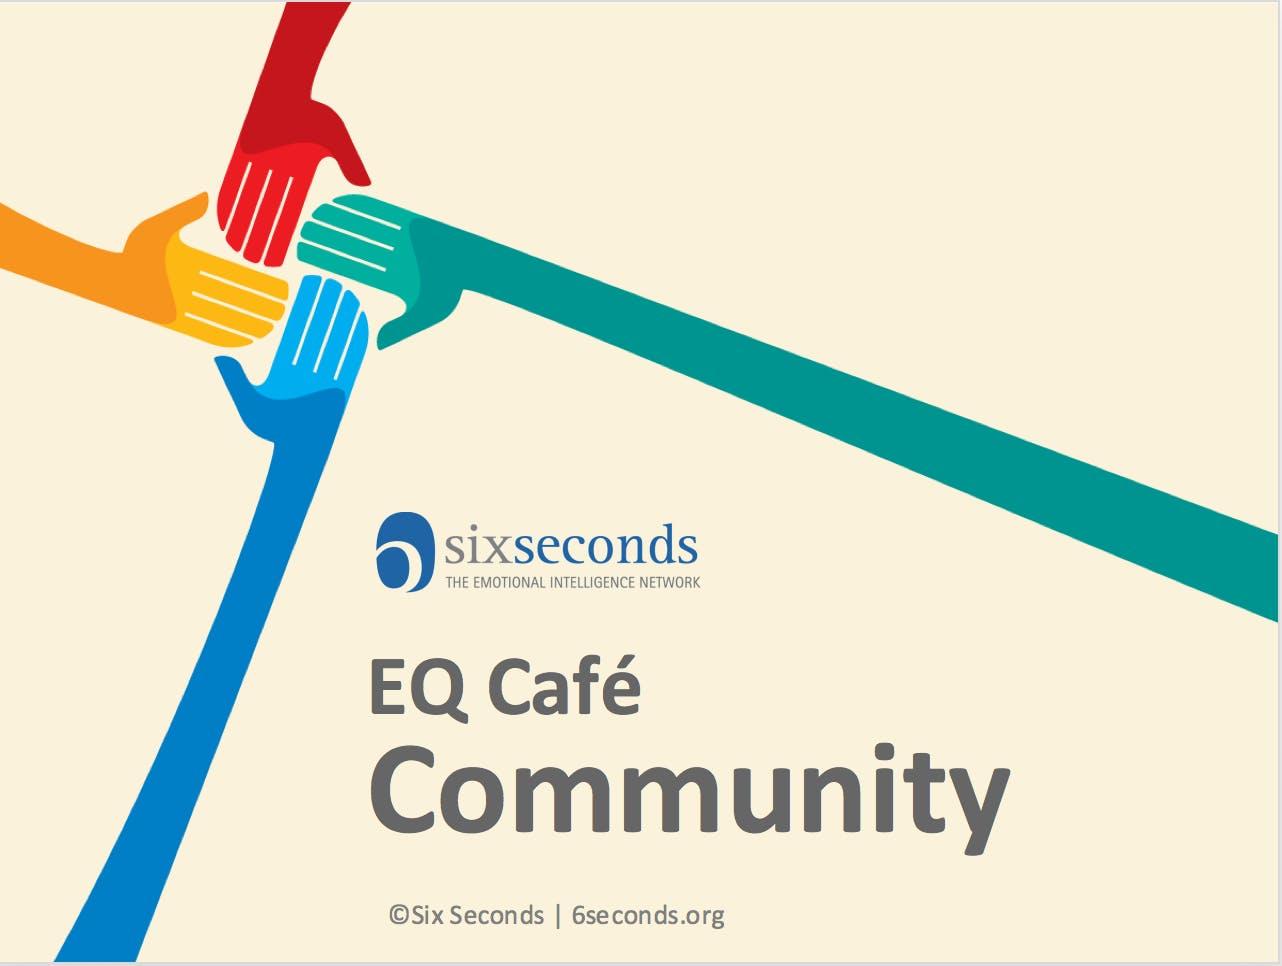 EQ Café: Community (Comunità) (Zola Predosa -